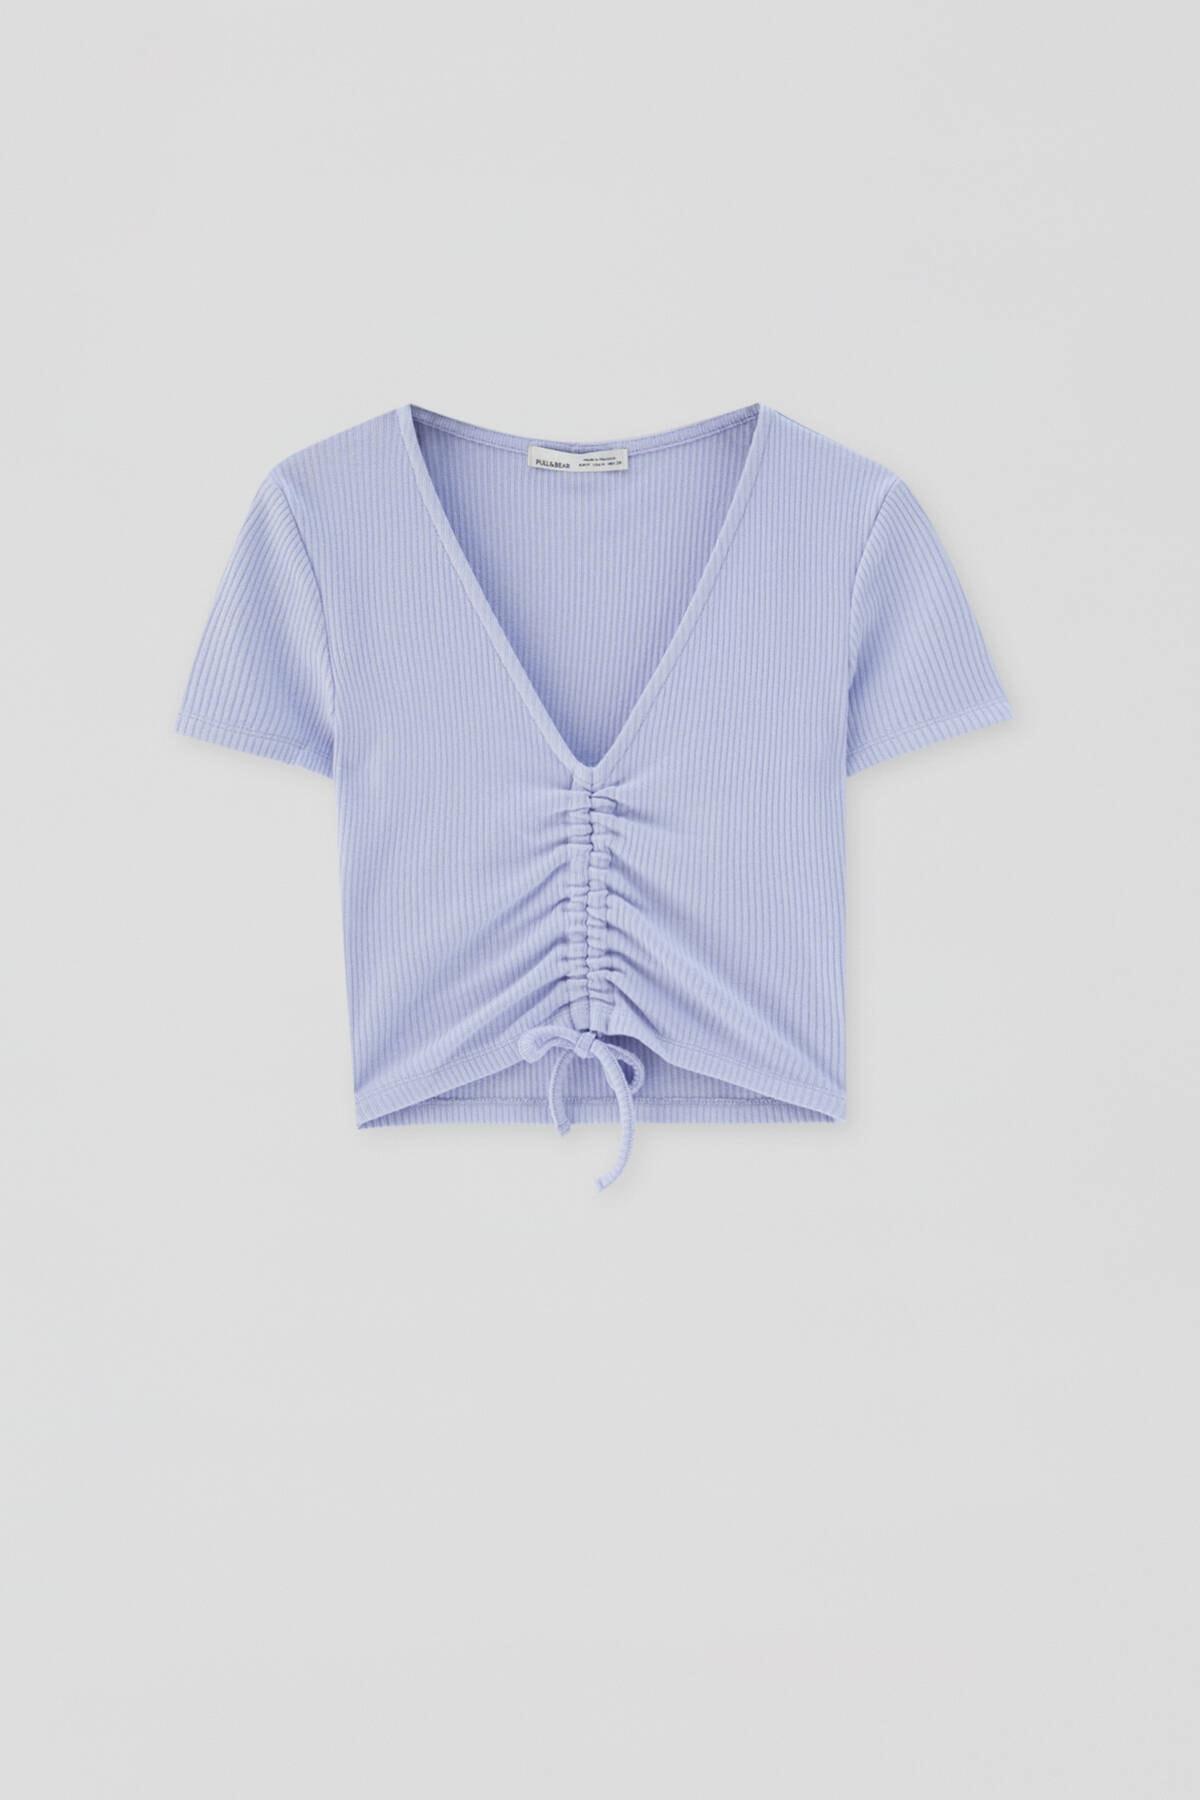 Pull & Bear Kadın Mavi Önü Büzgülü Fitilli Top 04241303 3